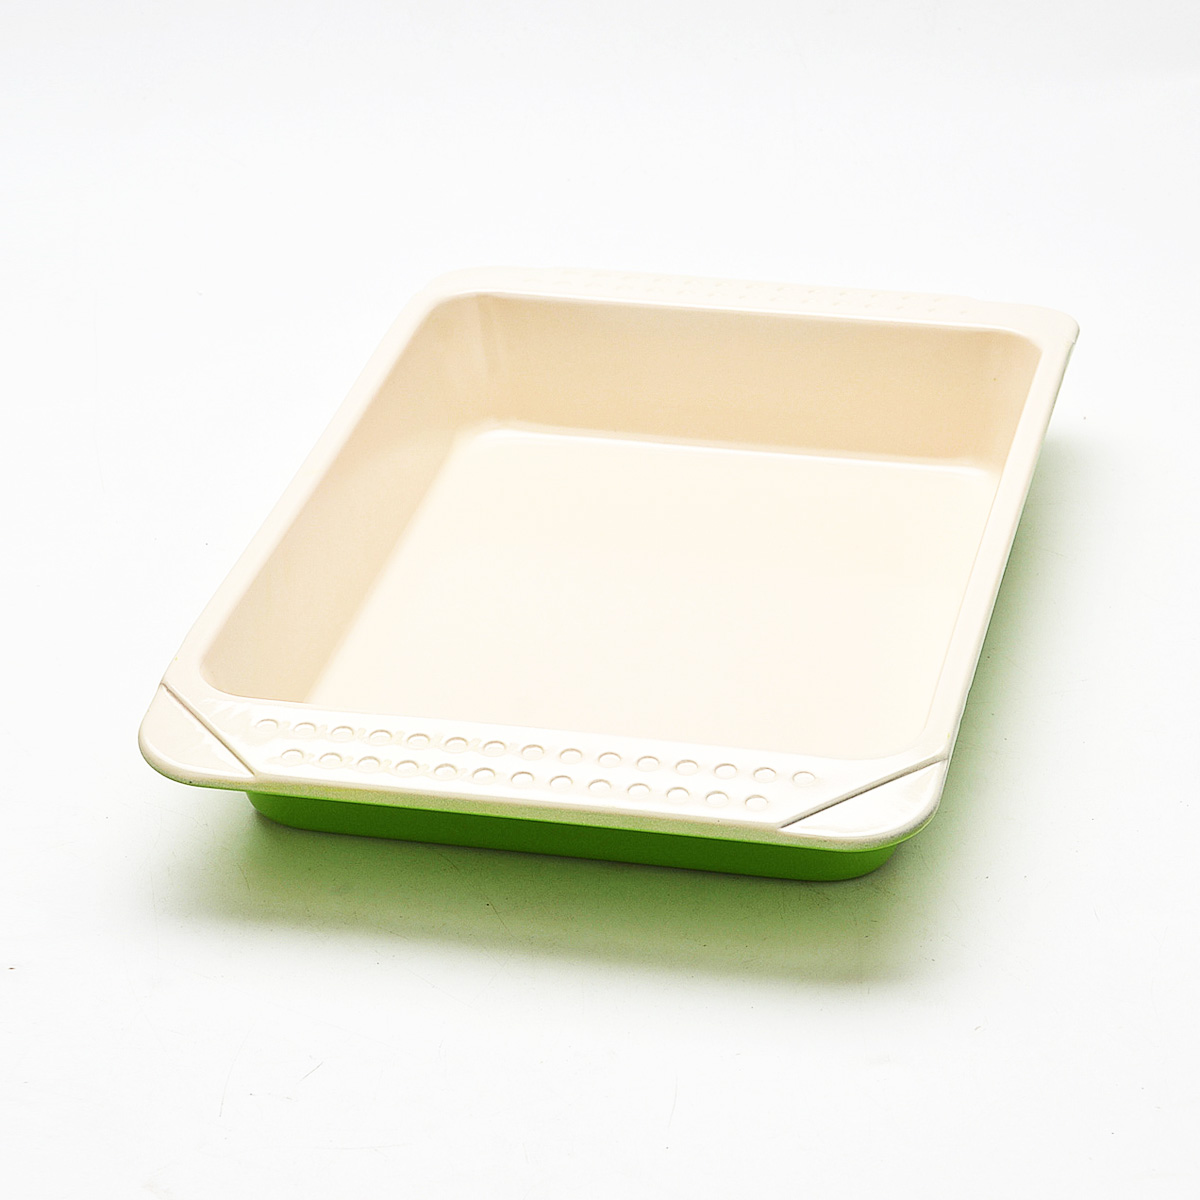 Противень Mayer & Boch, с керамическим покрытием, прямоугольный, цвет: зеленый, 41 см х 25 см х 6 смFS-91909Противень Mayer & Boch изготовлен из высококачественной углеродистой стали с керамическим покрытием. Жаропрочное покрытие безопасно для человека, не содержит вредных примесей PFOA и PTFE. Простой в уходе и долговечный в использовании противень станет верным помощником в создании ваших кулинарных шедевров. Подходит для использования в духовом шкафу. Не подходит для СВЧ-печей. Не рекомендуется мыть в посудомоечной машине. Используйте только деревянные и пластиковые лопатки. Размер (с учетом ручек): 41 см х 27 см х 4,7 см. Размер (по внутреннему краю): 33 см х 23 см х 5,5 см.Высота стенок: 5,5 см.